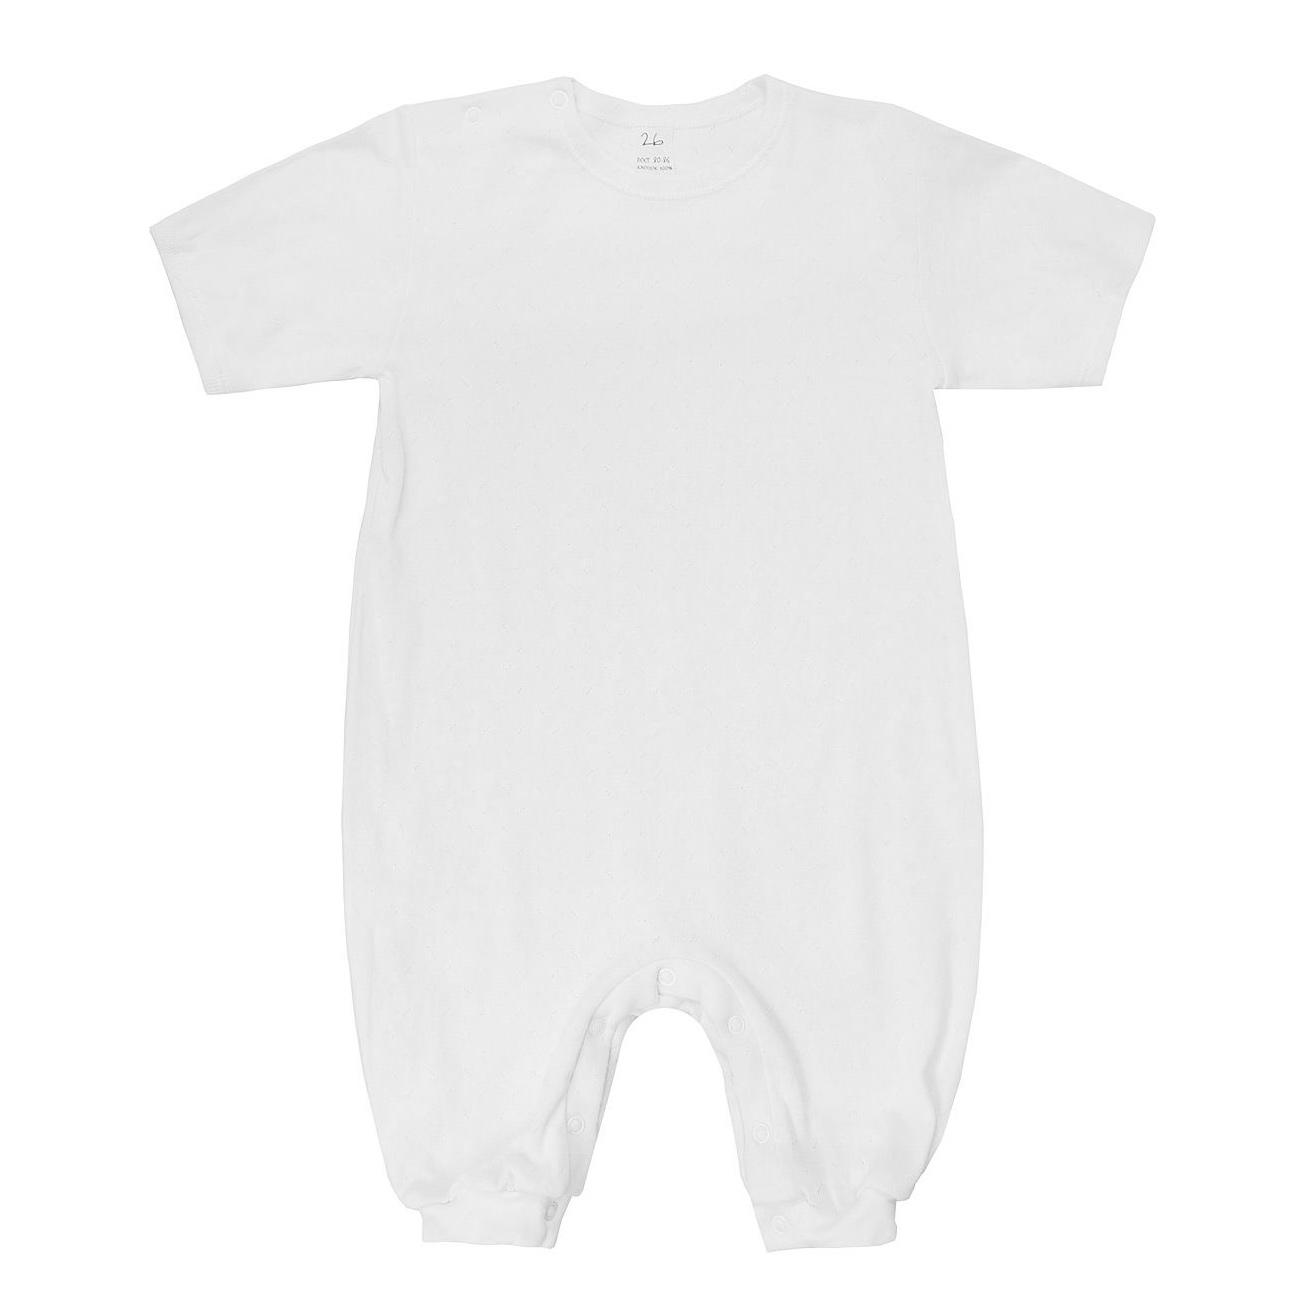 Фото - Песочник Lucky Child Ажур белый 74-80 футболка lucky child ажур белая 74 80